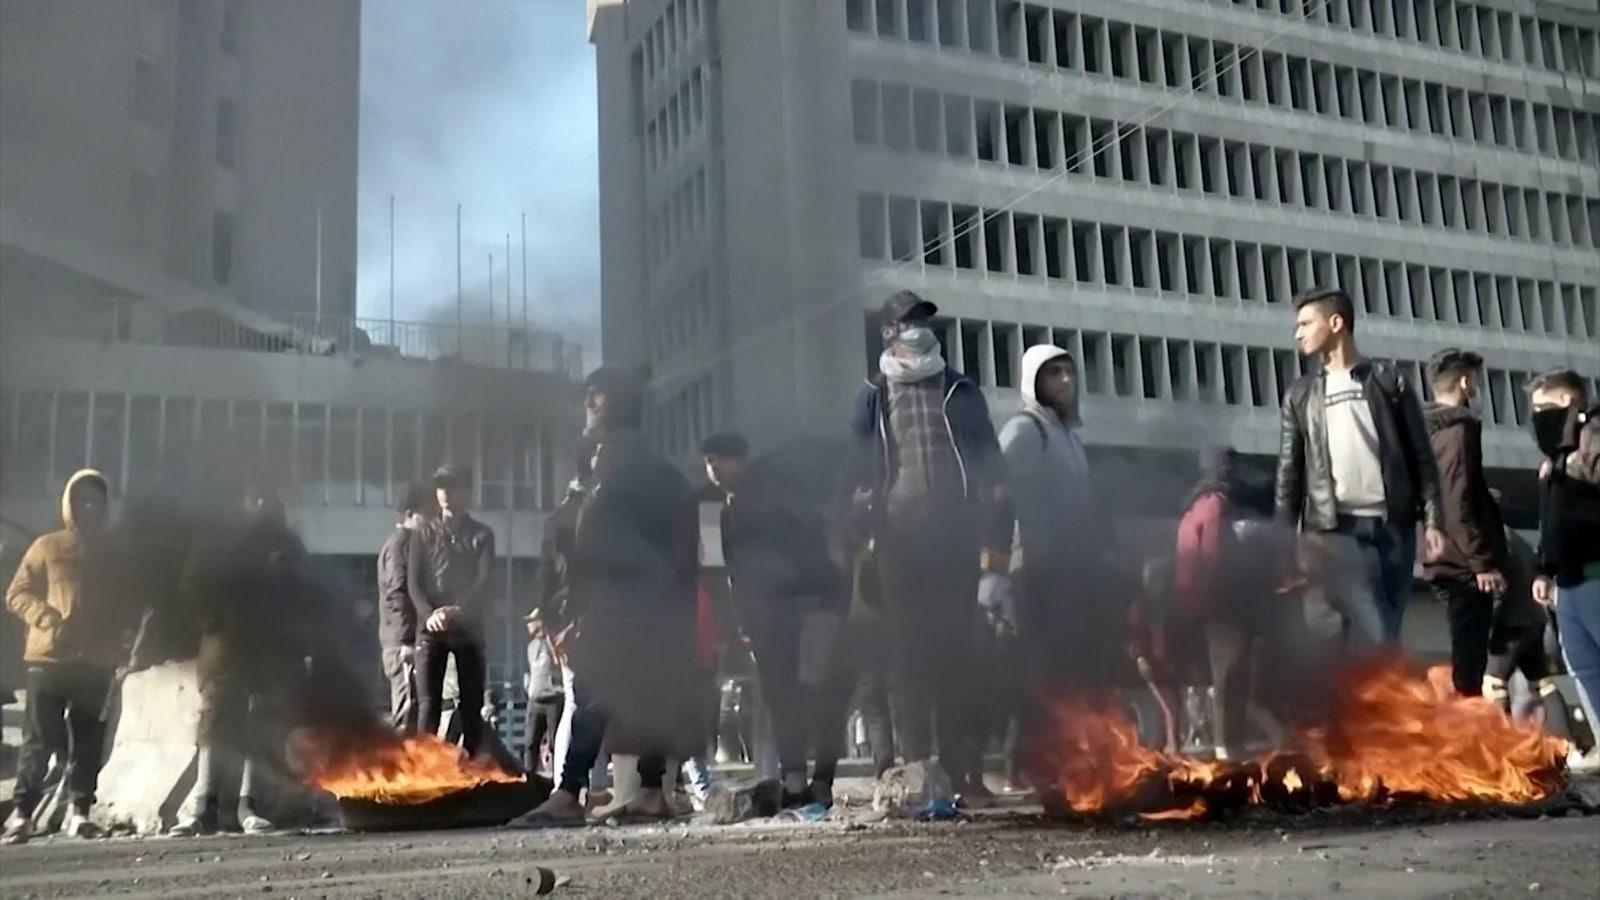 صاروخ كاتيوشا سقط على قاعة للطعام في السفارة الأميركية ببغداد.. ومحلل سعودي توقع ضربة مؤلمة للعراق لكنها لم تحصل!